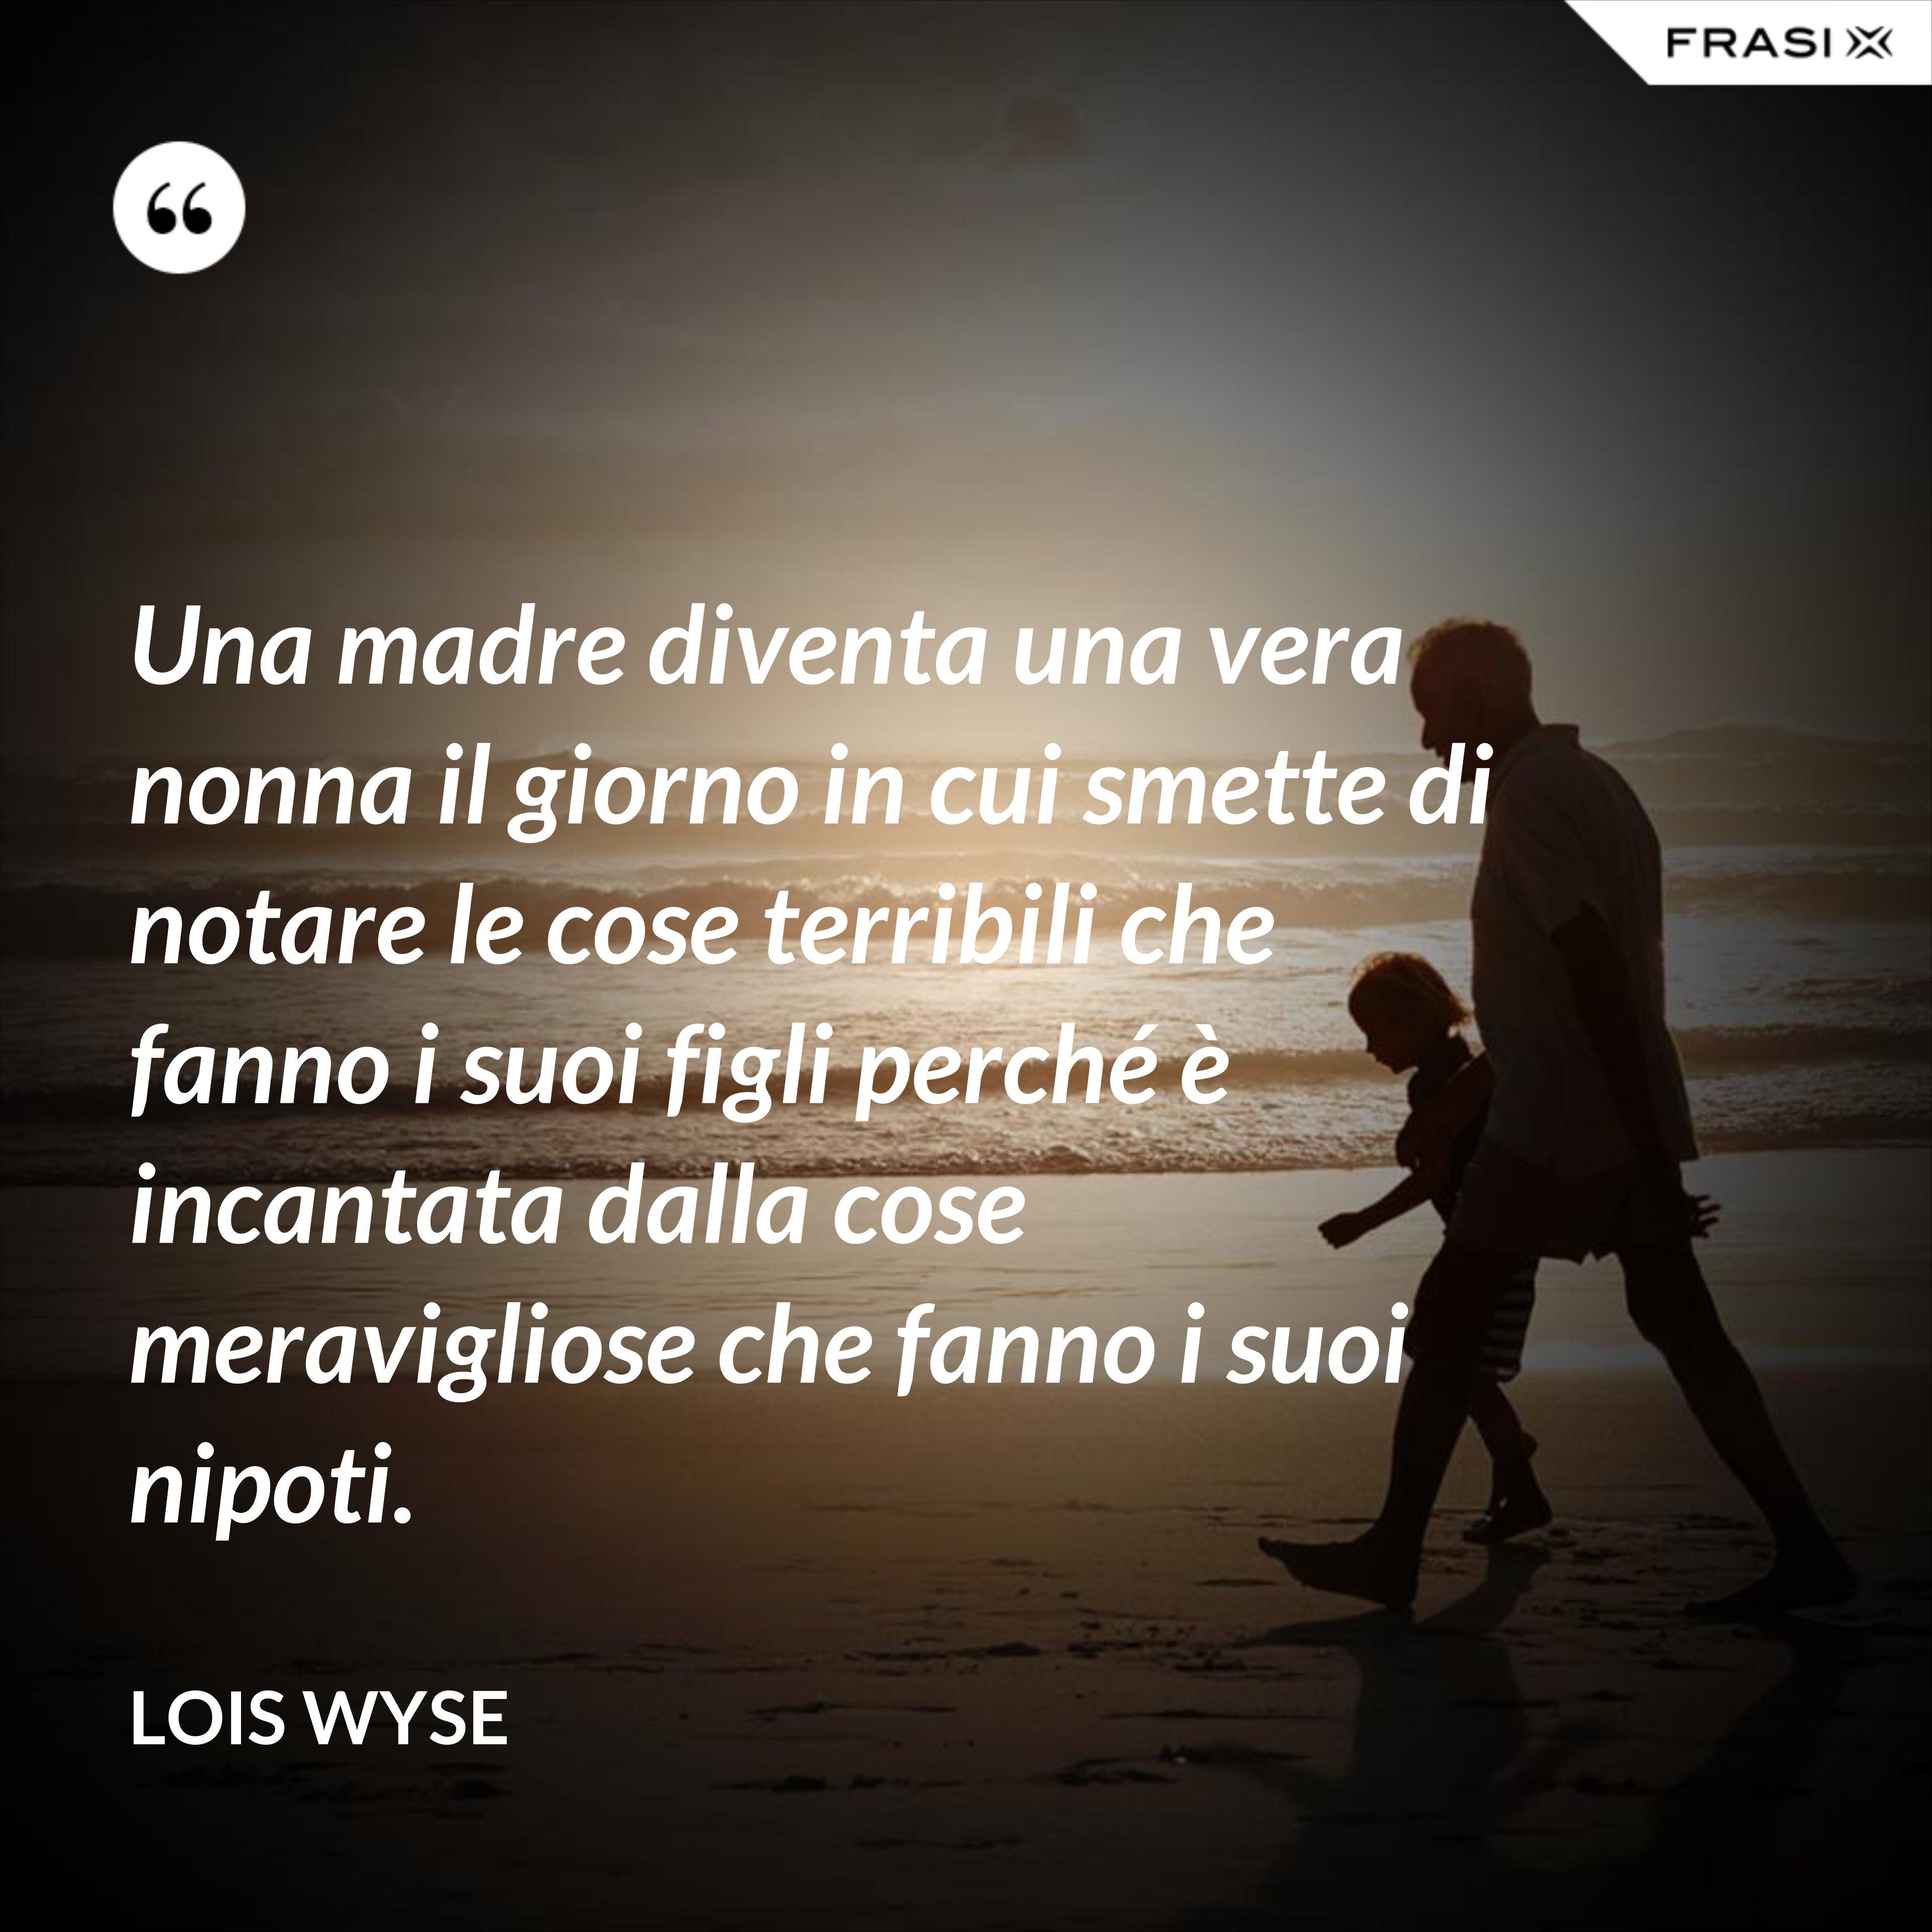 Una madre diventa una vera nonna il giorno in cui smette di notare le cose terribili che fanno i suoi figli perché è incantata dalla cose meravigliose che fanno i suoi nipoti. - Lois Wyse